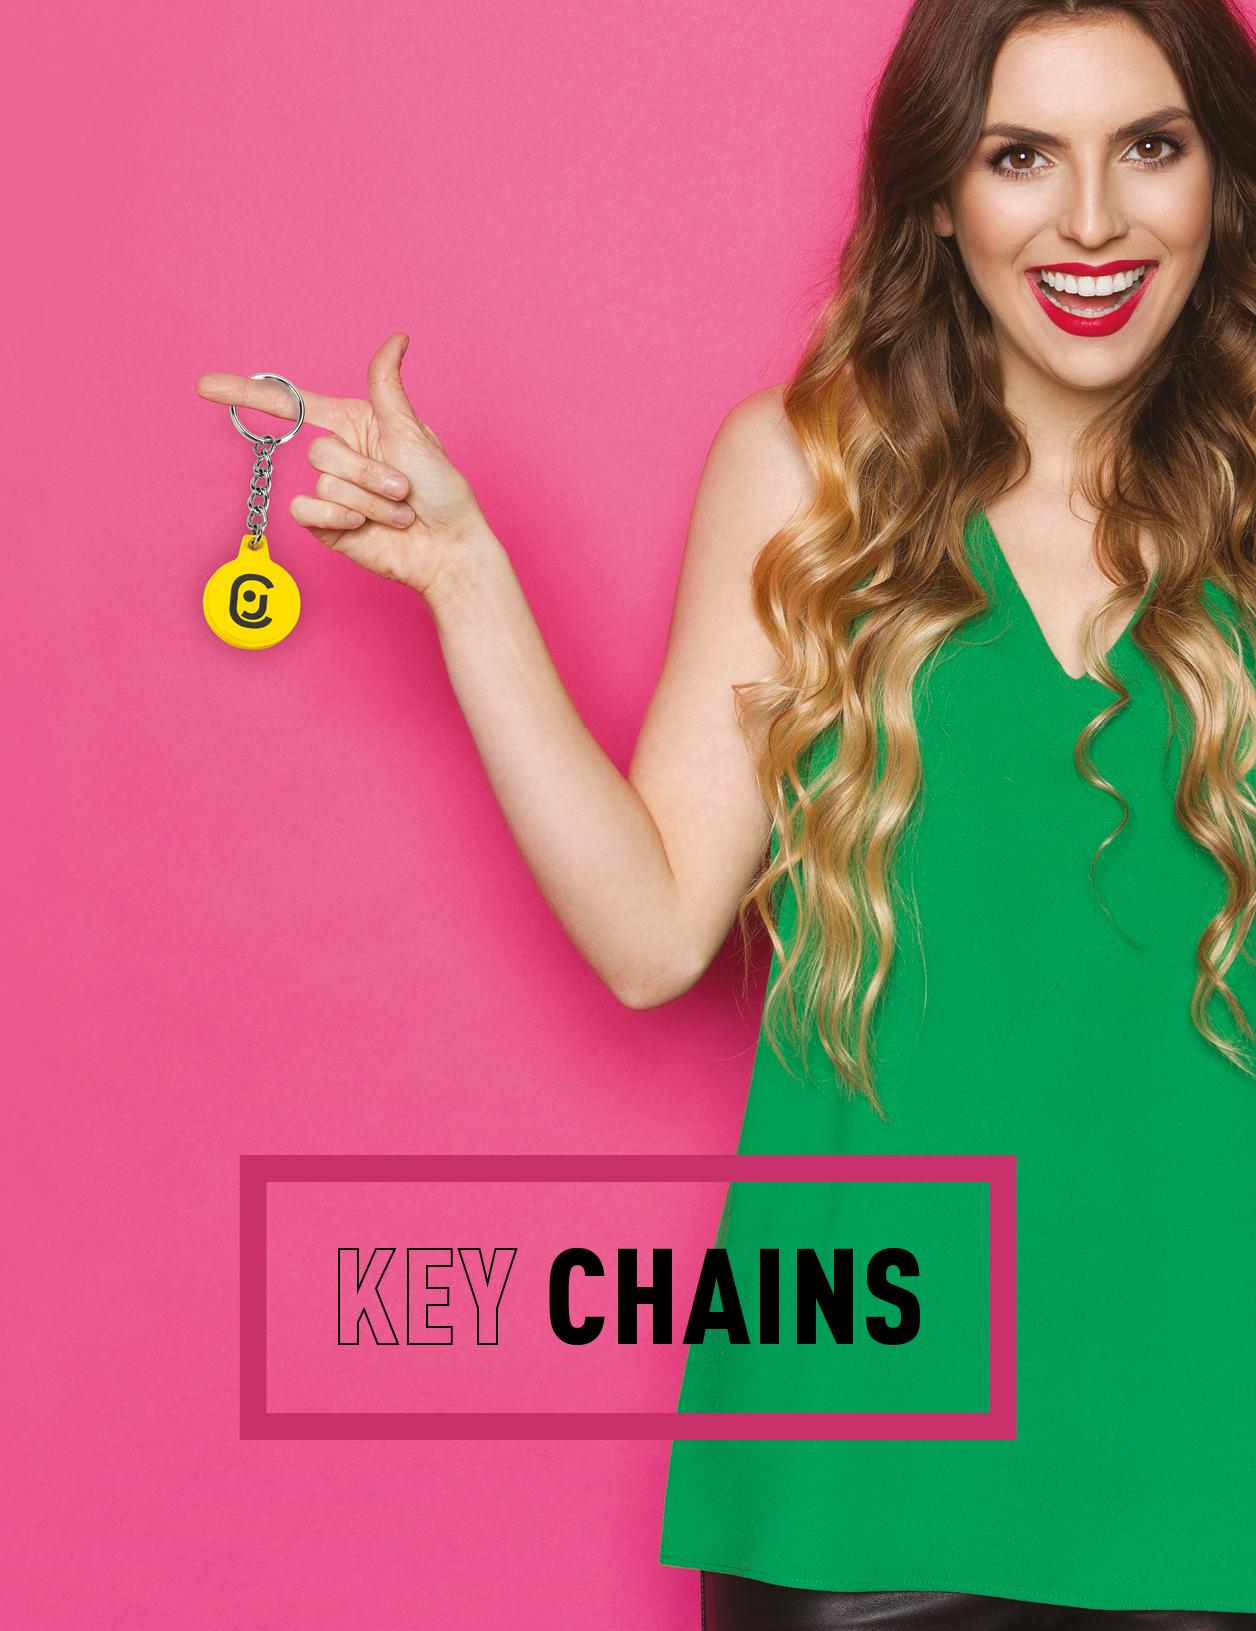 Key Chains – 2020